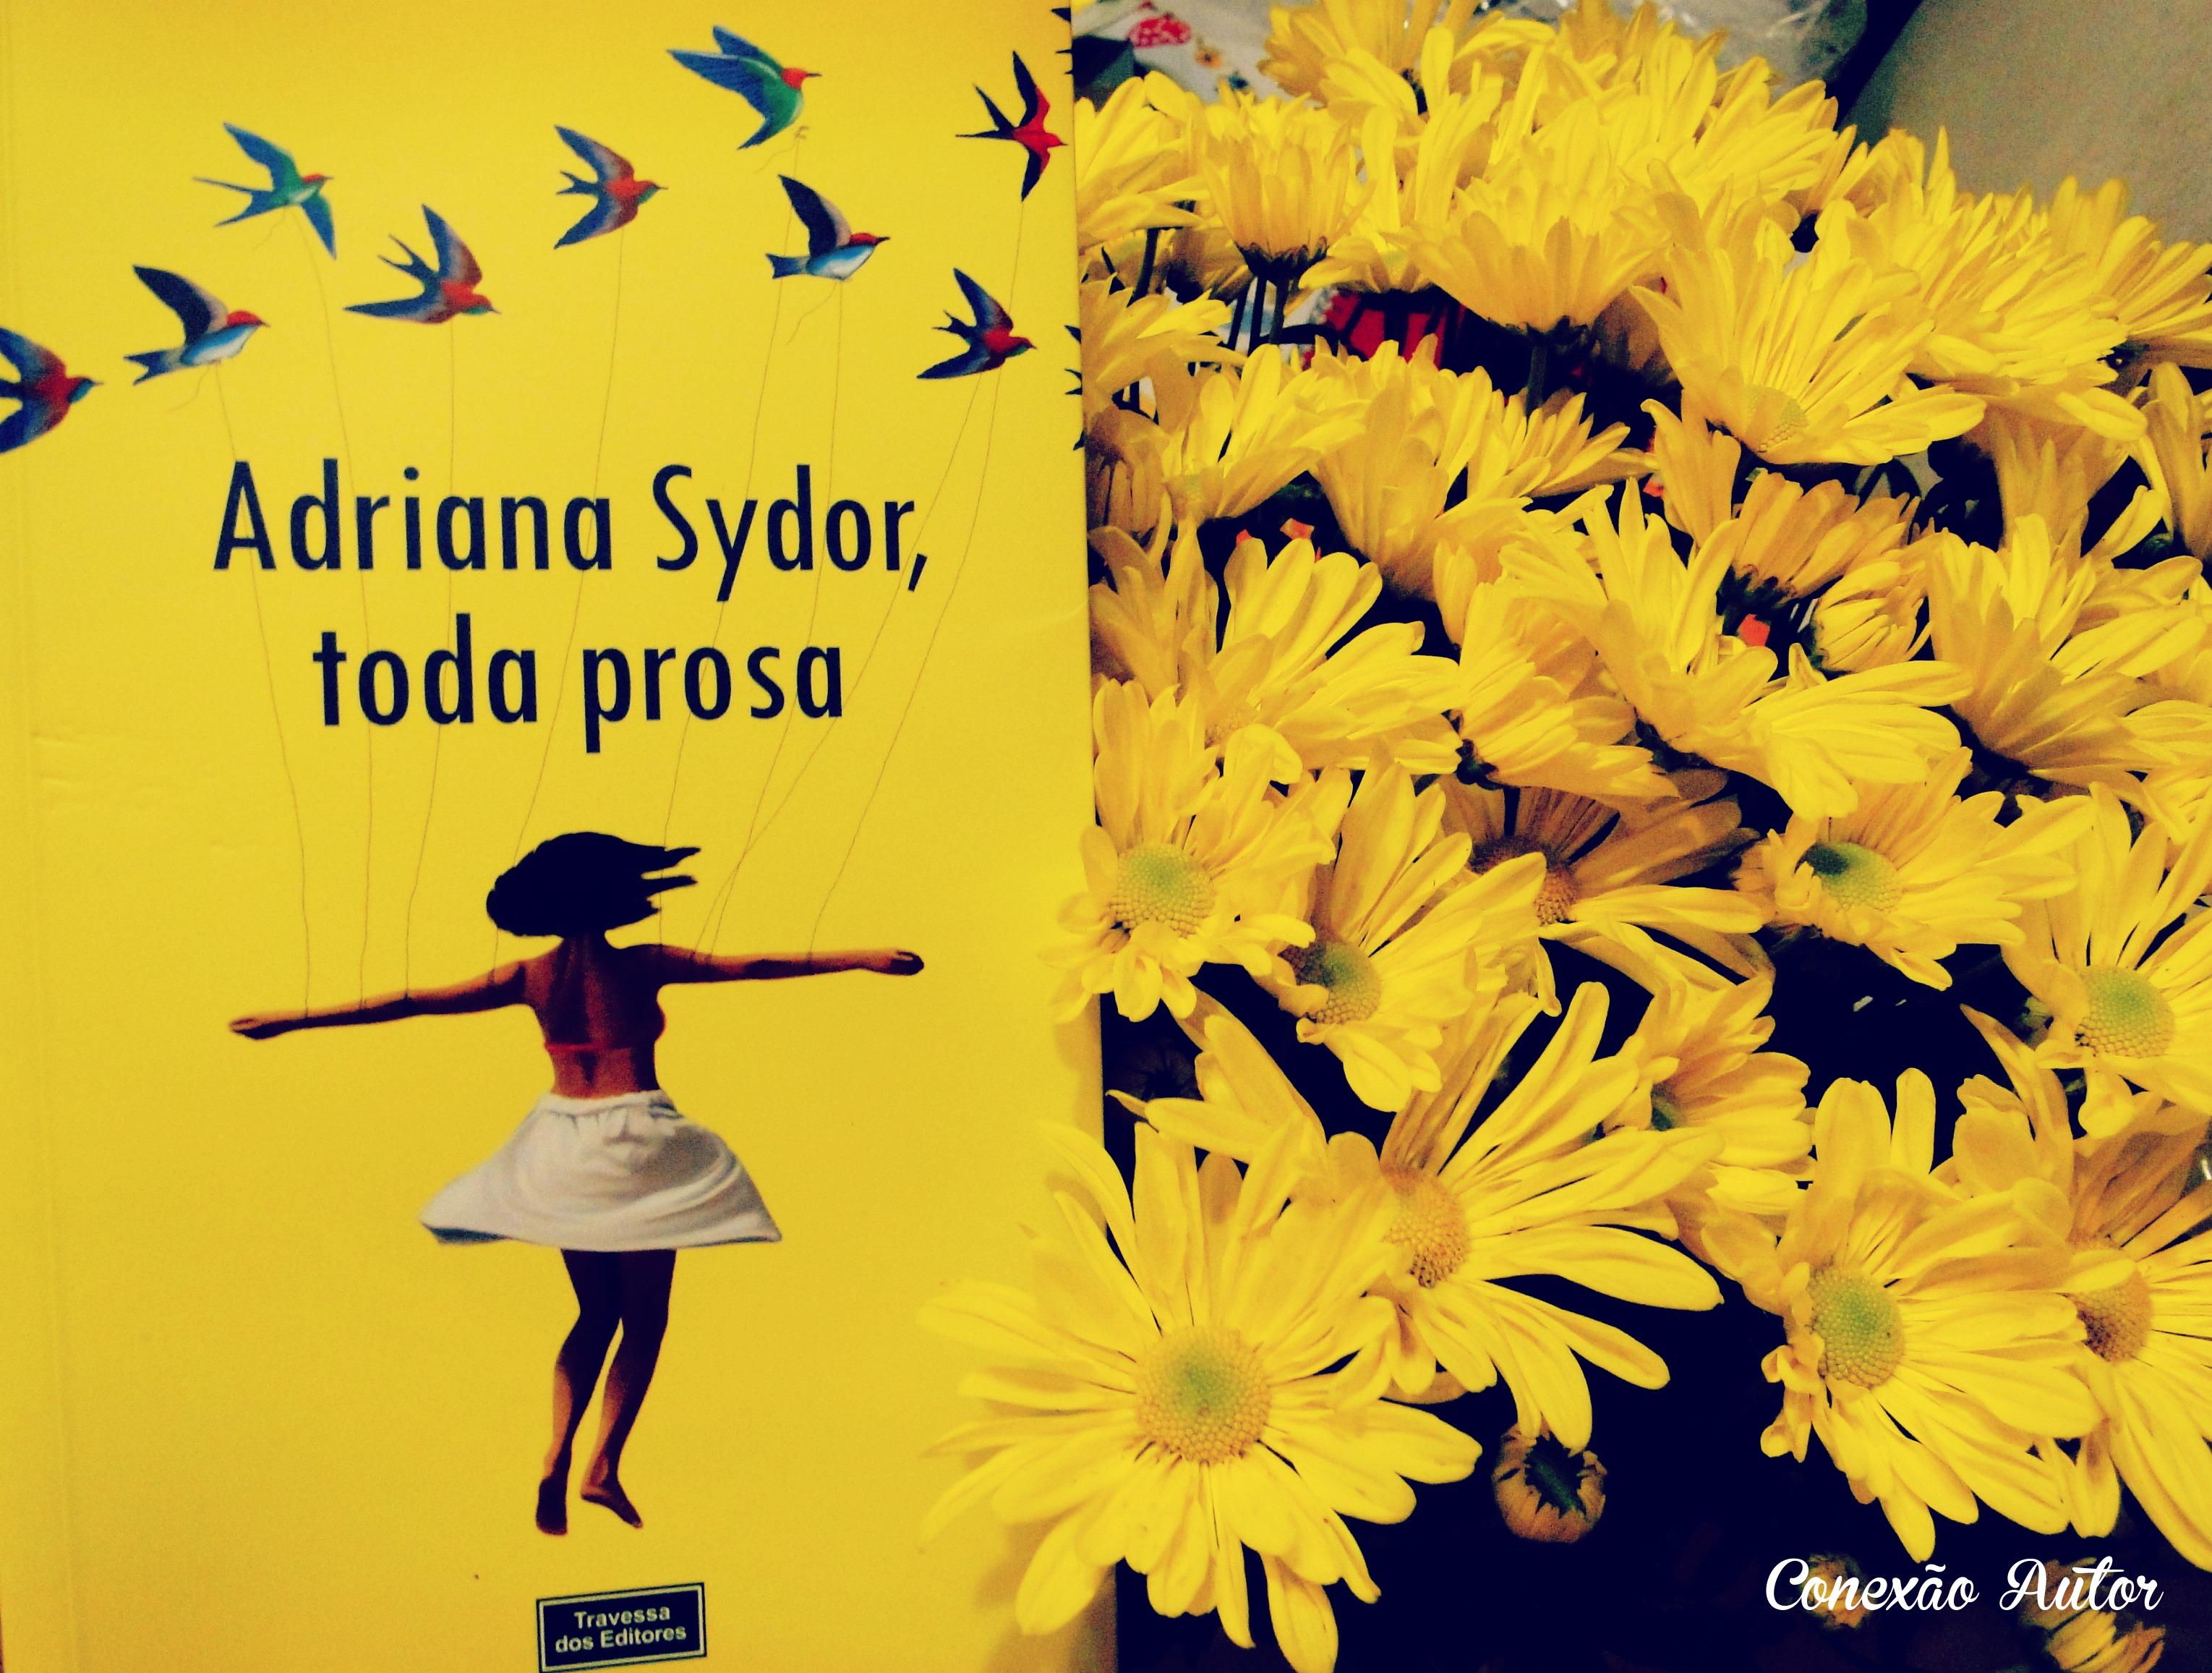 Adriana Sydor, toda prosa